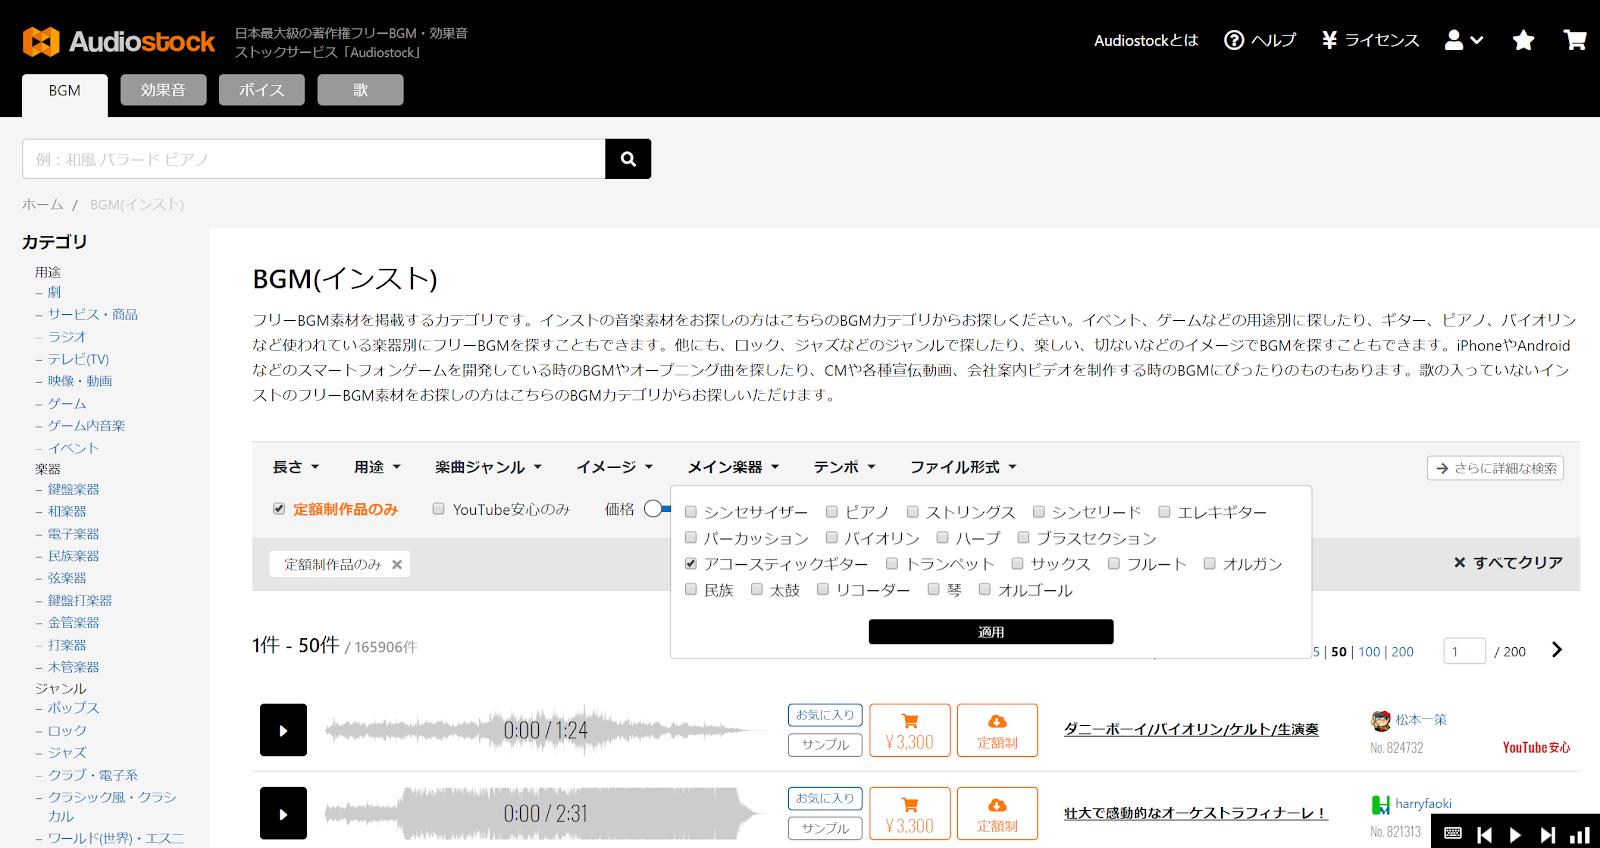 ストックミュージックサービス Audiostock の検索画面